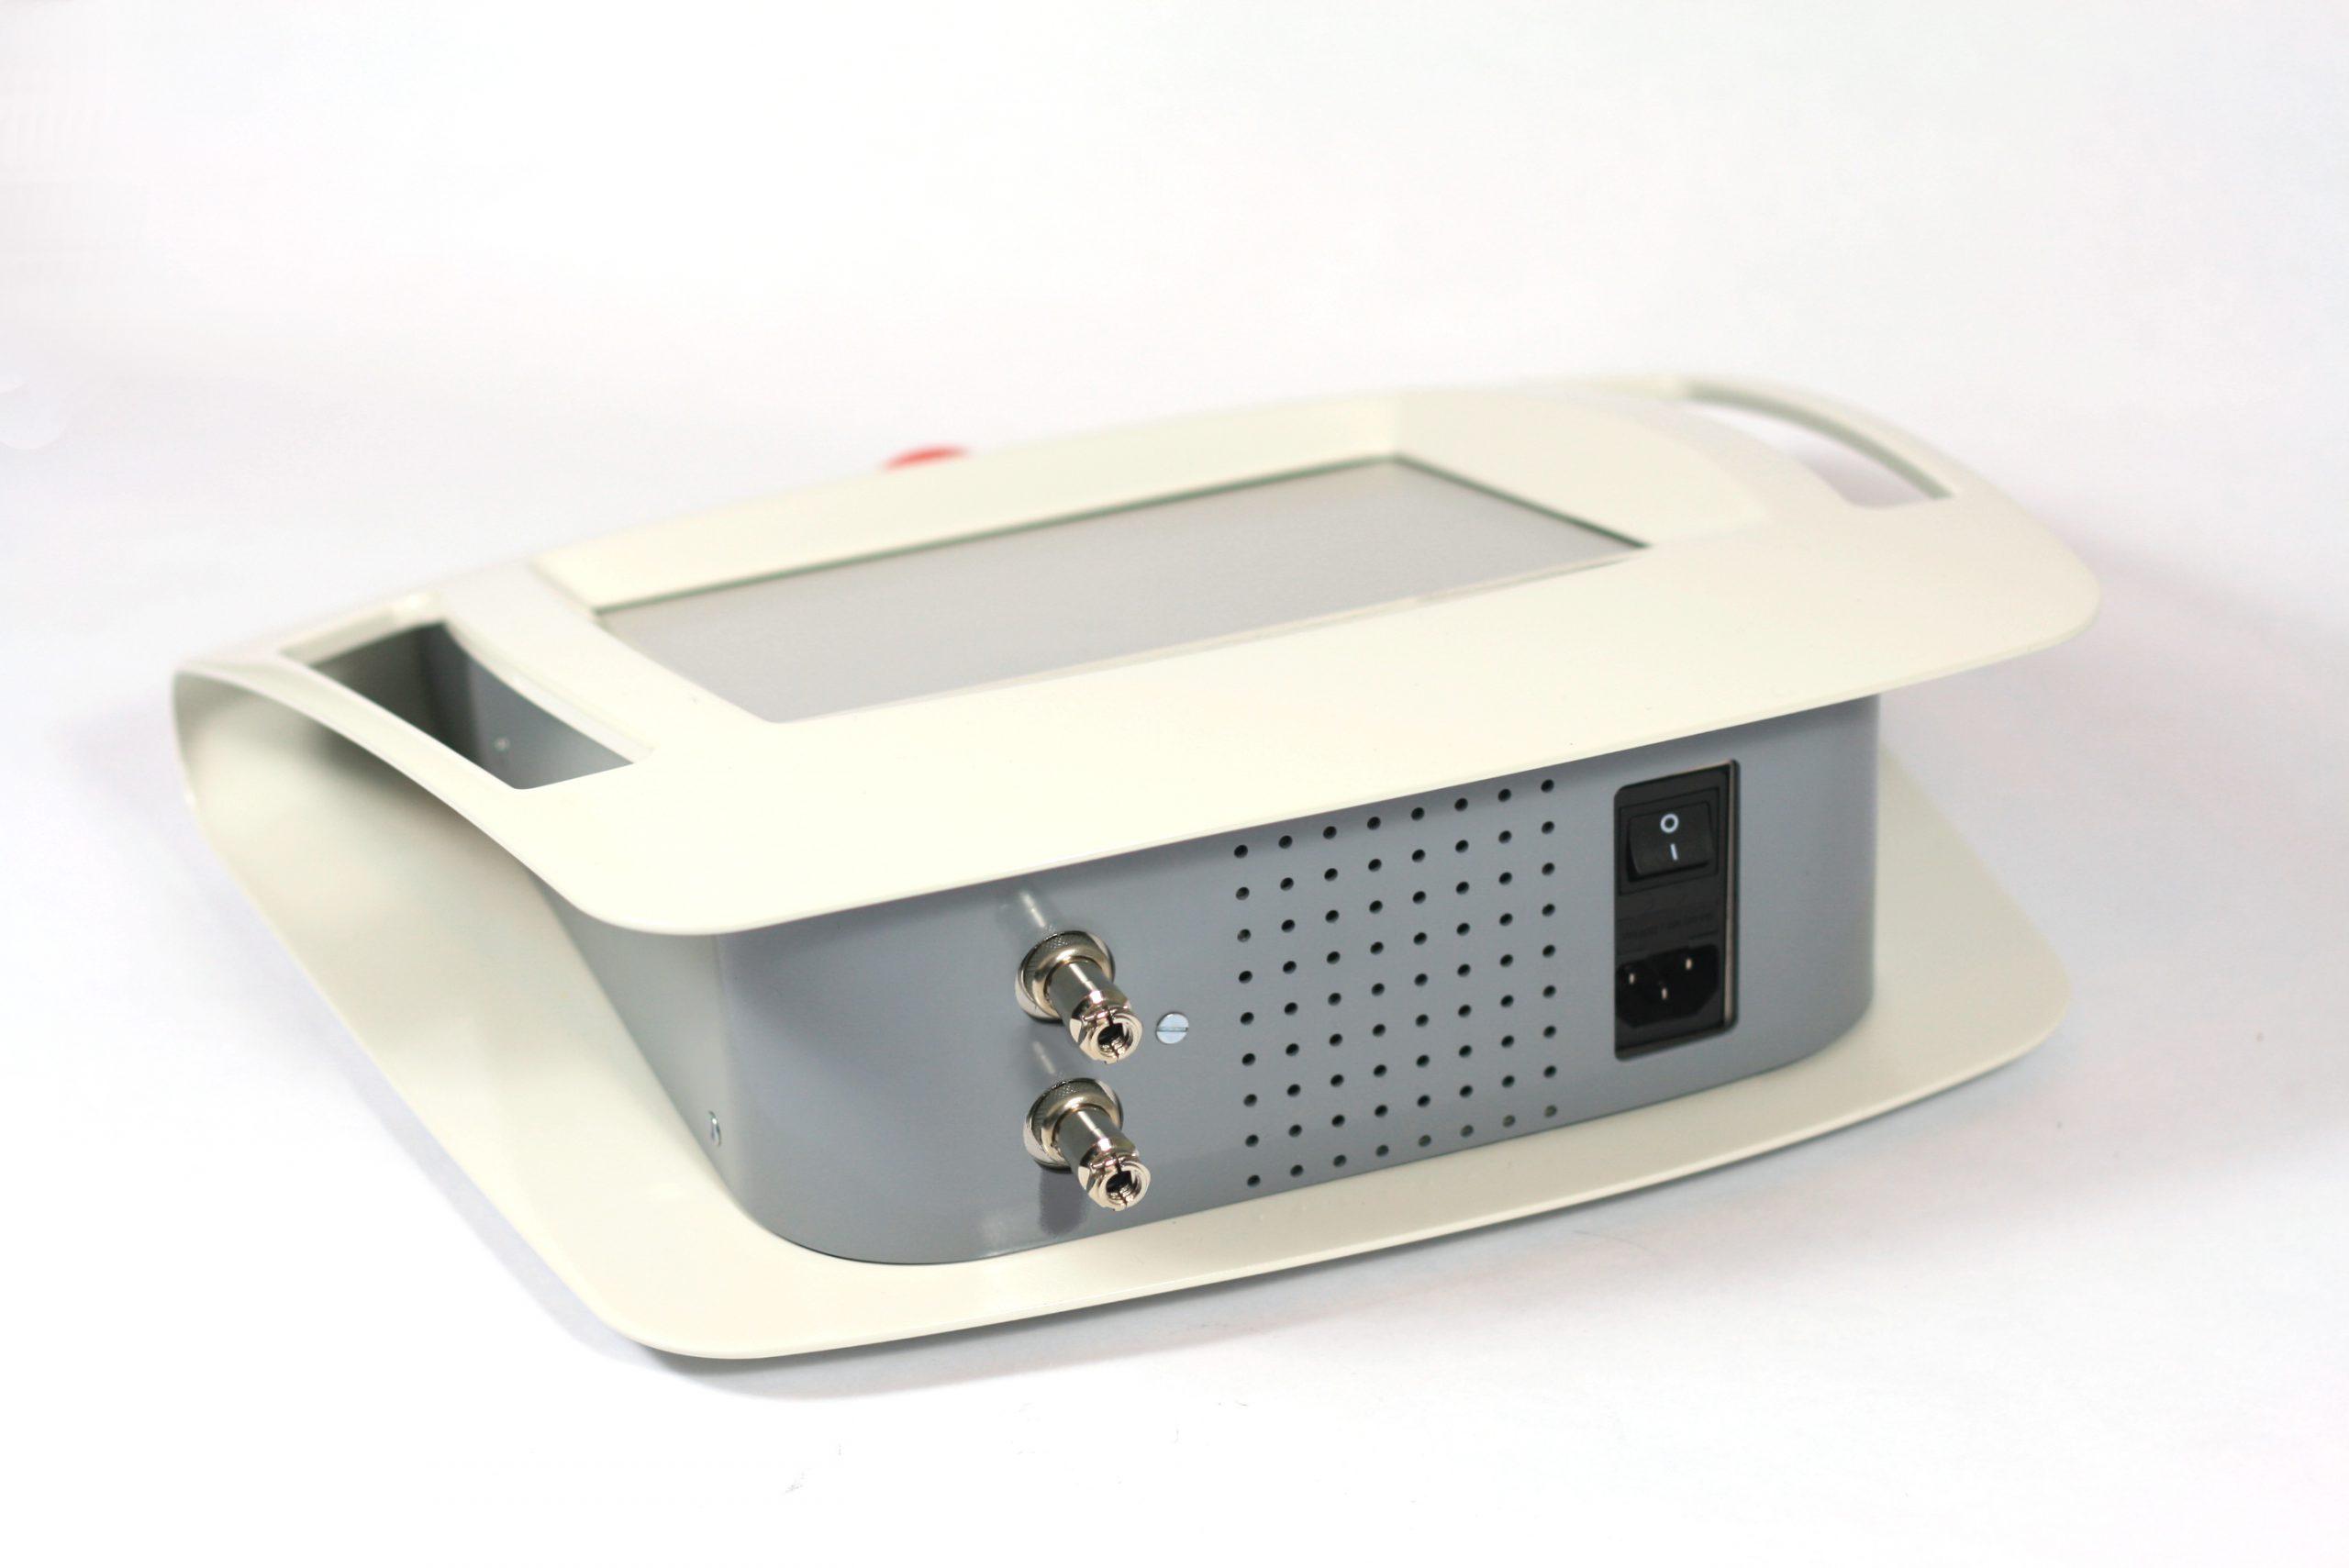 Diseño desarrollo tecnico prototipo de carcasa de equipo electronico de estetica medico discoh design